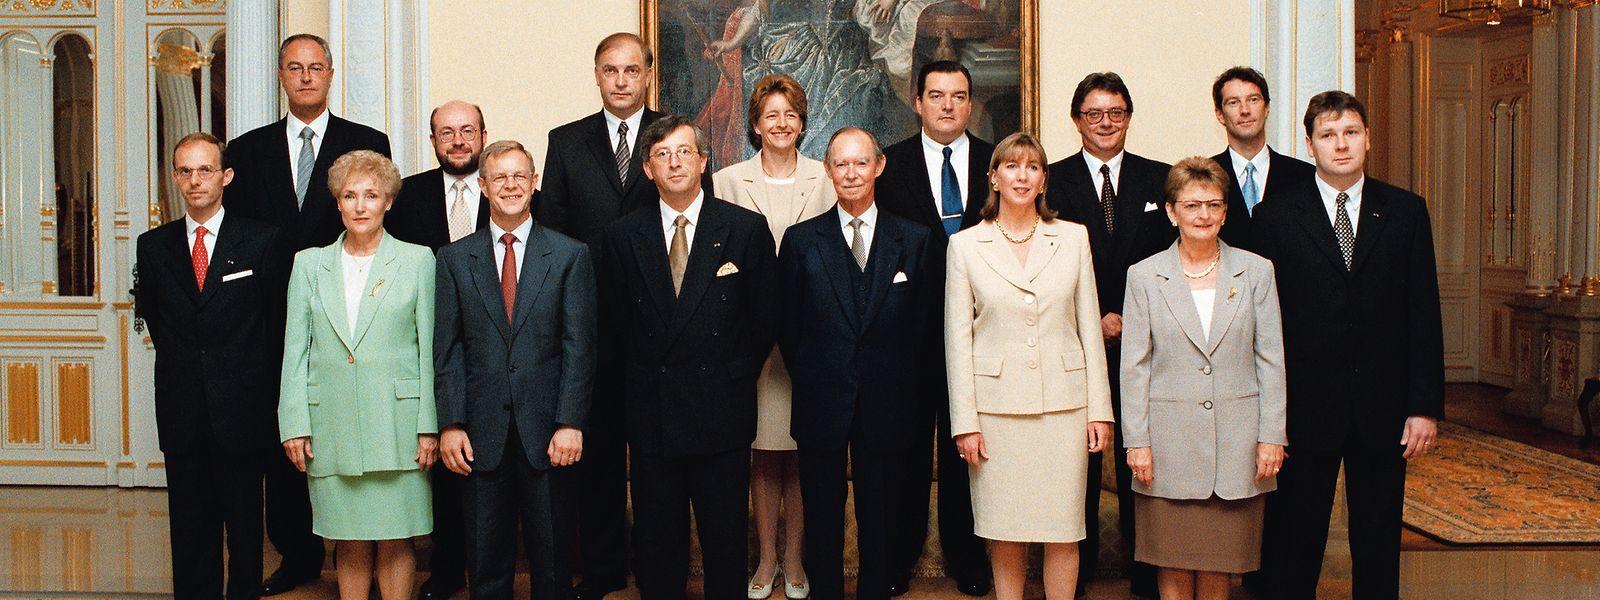 Die CSV-DP-Regierung nach ihrer Vereidigung am 9. August 1999: V.l.n.r. 1. R.: Luc Frieden, Erna Hennicot-Schoepges, Fernand Boden, Jean-Claude Juncker, Großherzog Jean, Lydie Polfer, Marie-Josée Jacobs, Michel Wolter: 2. R.: Jos Schaack, François Biltgen, Charles Goerens, Anne Brasseur, Henri Grethen, Carlo Wagner, Eugène Berger.